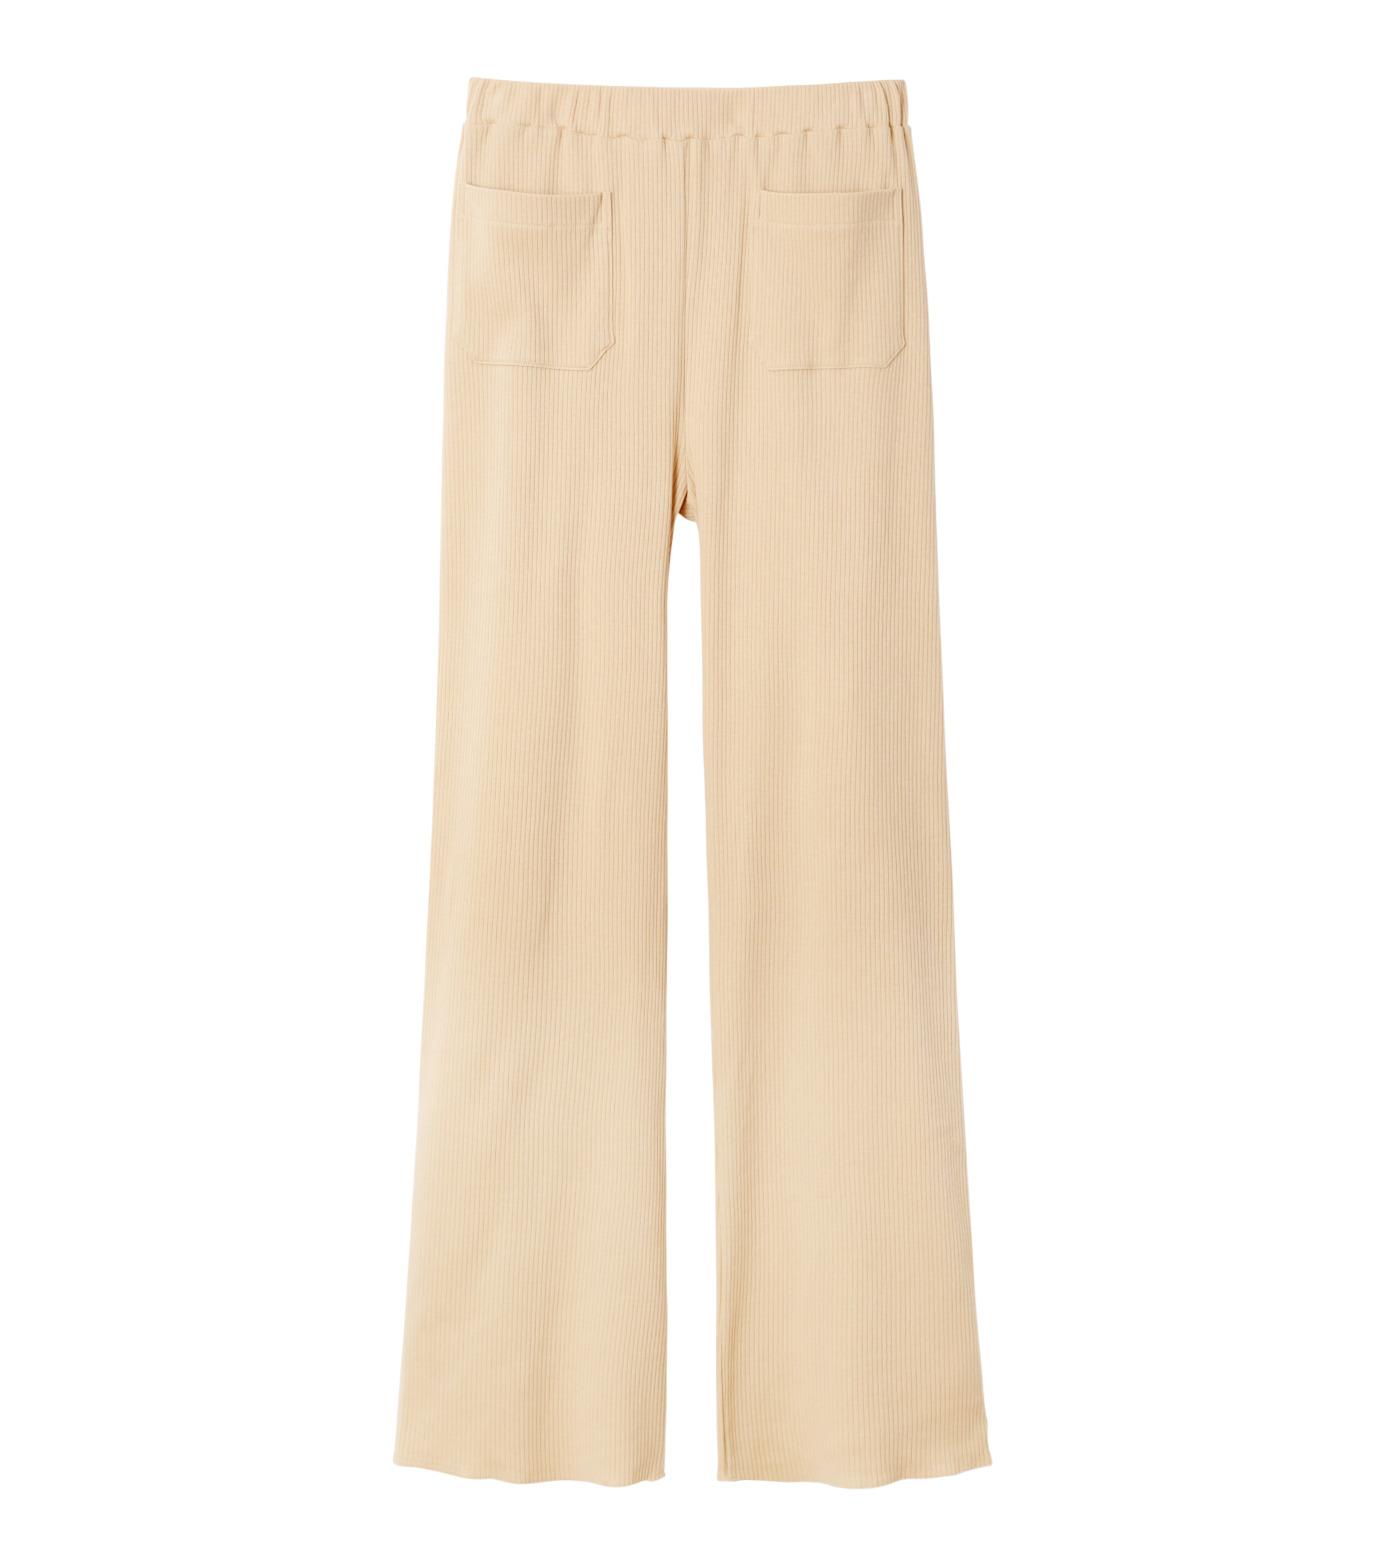 AKANE UTSUNOMIYA(アカネウツノミヤ)のRib Knit Pants-LIGHT BEIGE(パンツ/pants)-W16FCT012001-51 拡大詳細画像4